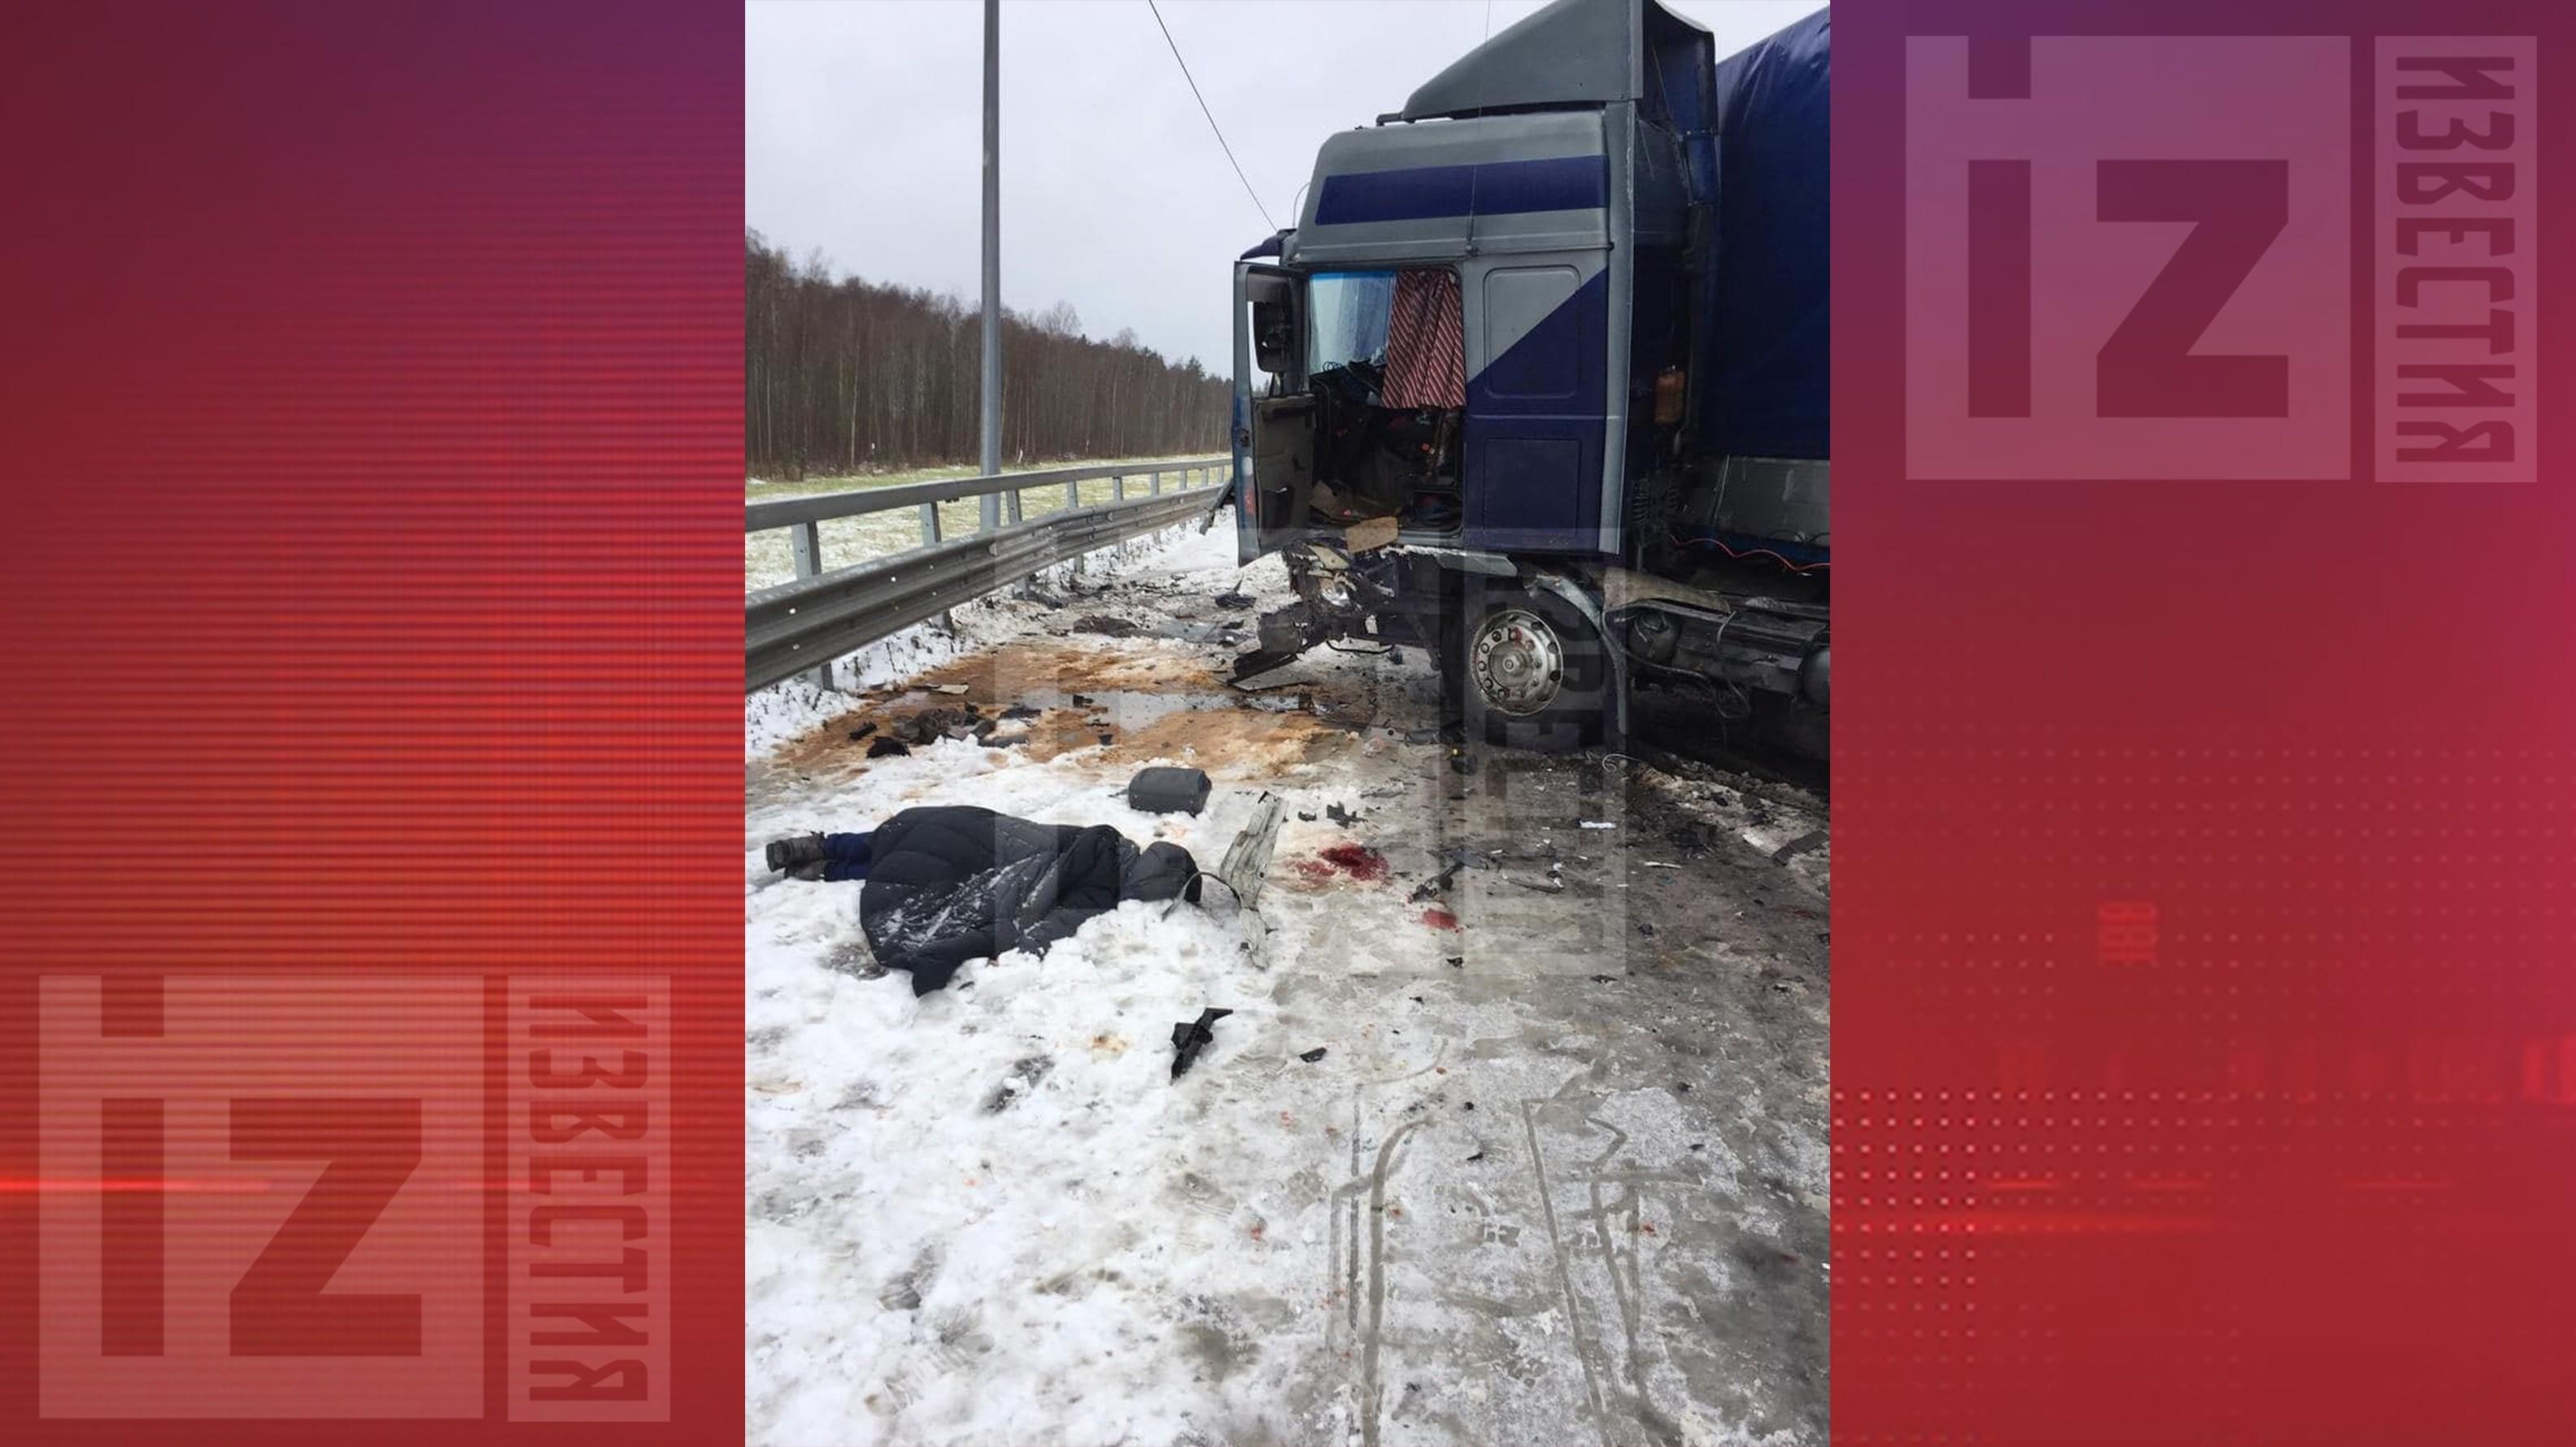 Видео последствий лобового столкновения автобуса с грузовиком в Ленобласти